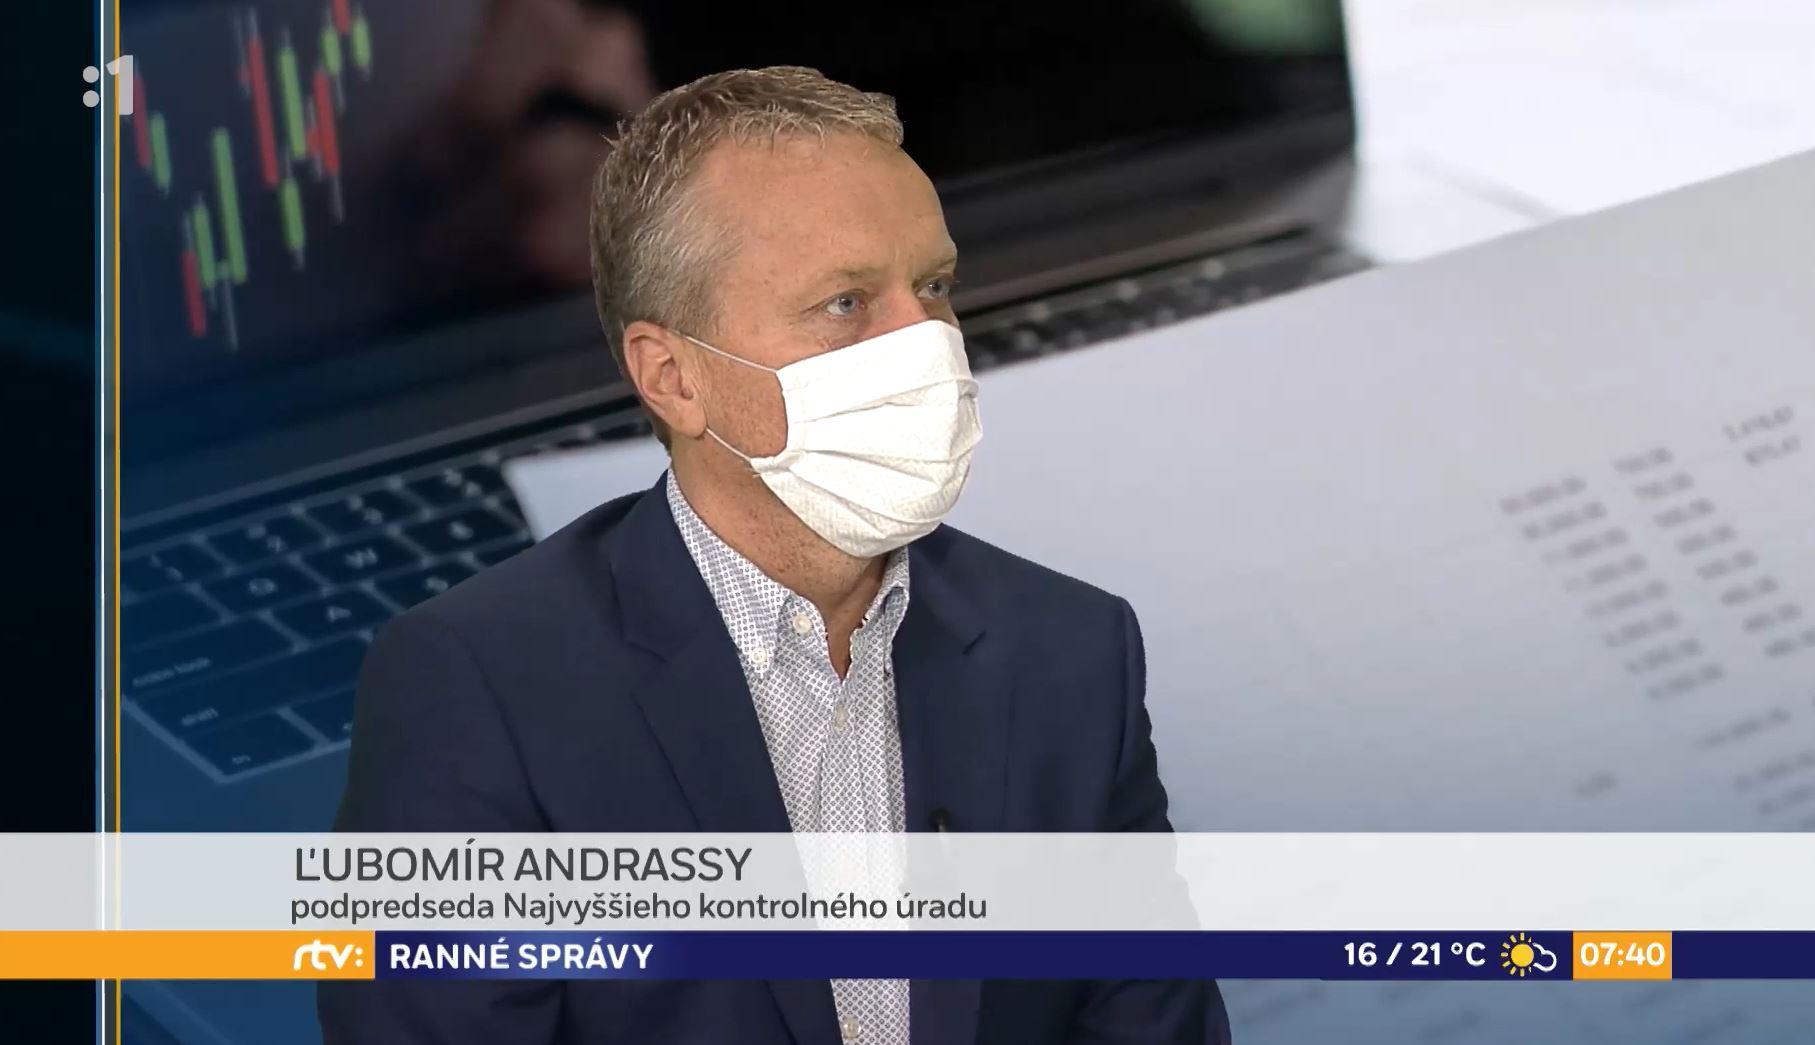 Ľ. Andrassy v Ranných správach RTVS